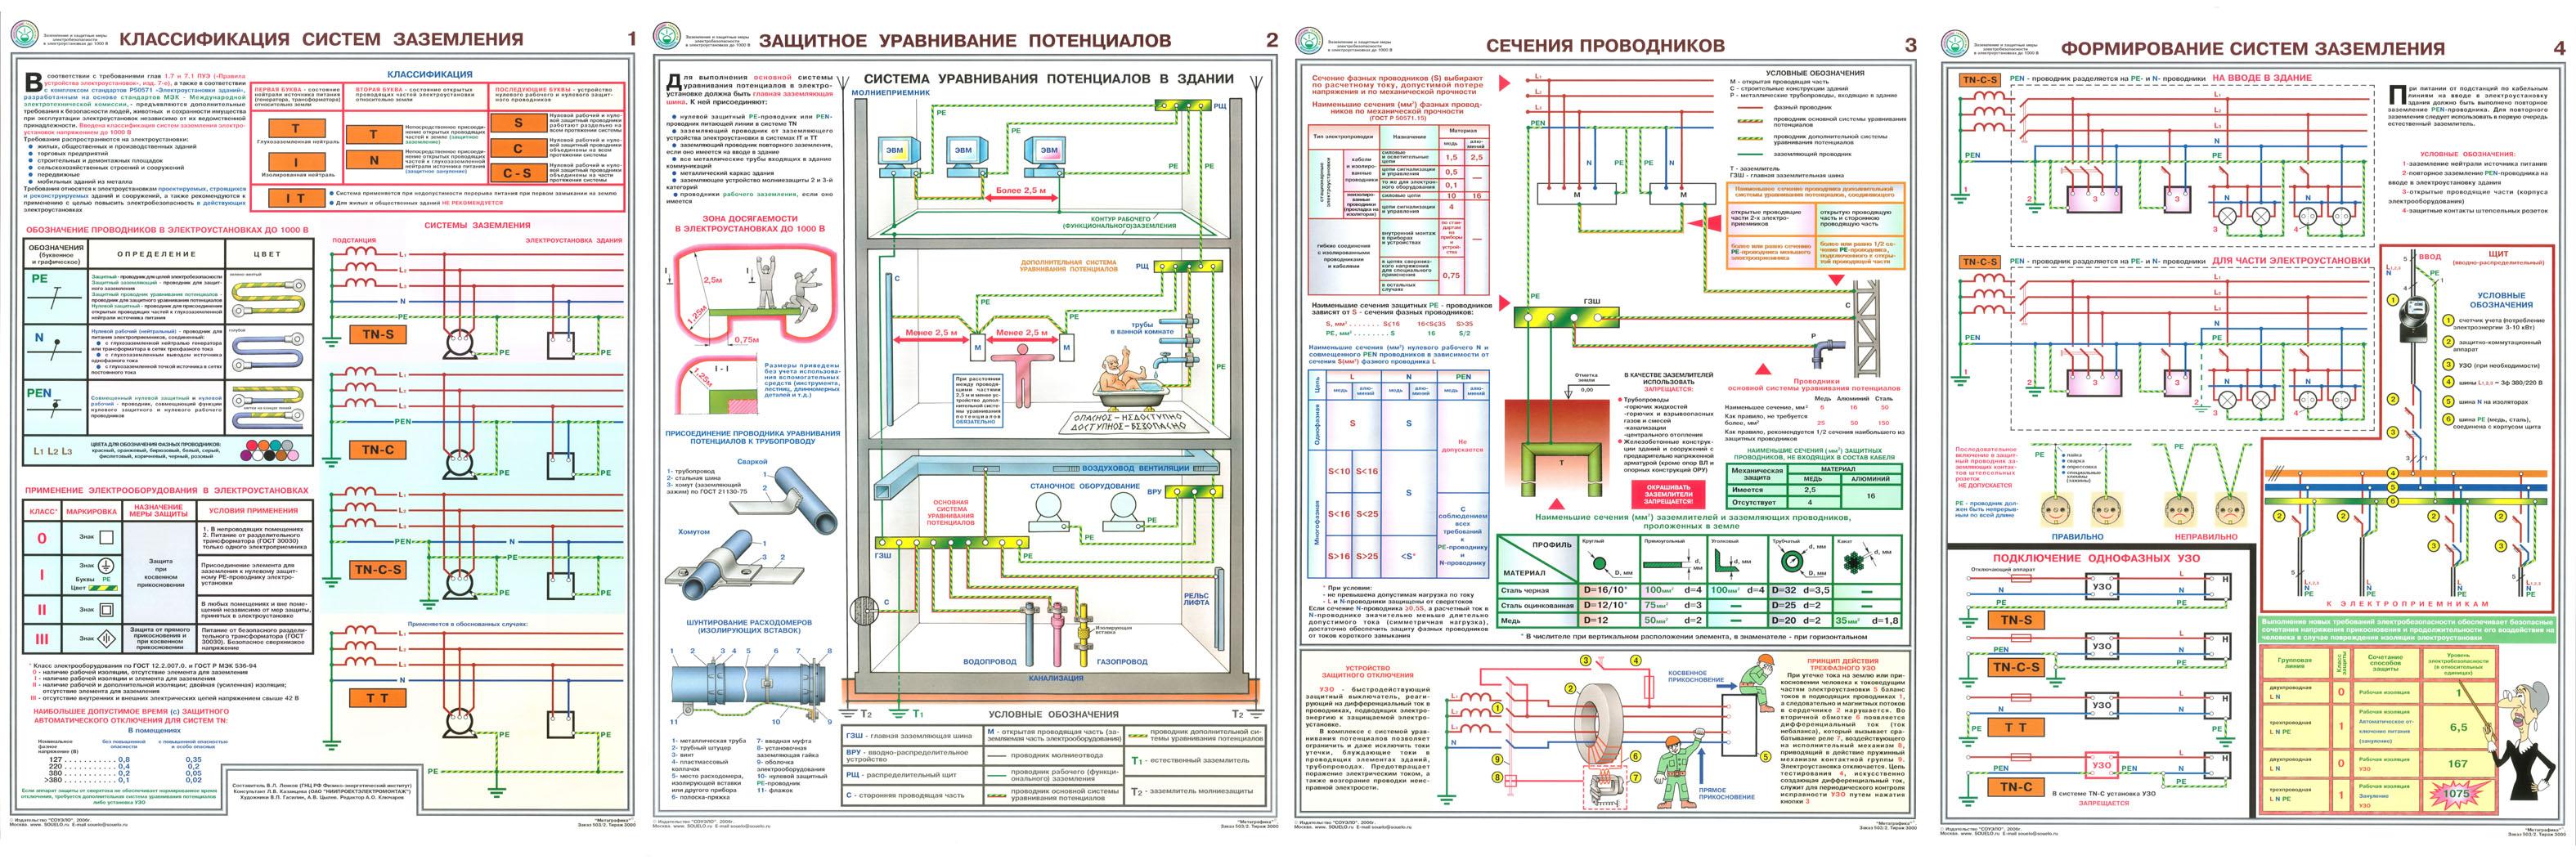 Выравнивание потенциалов заземления схема